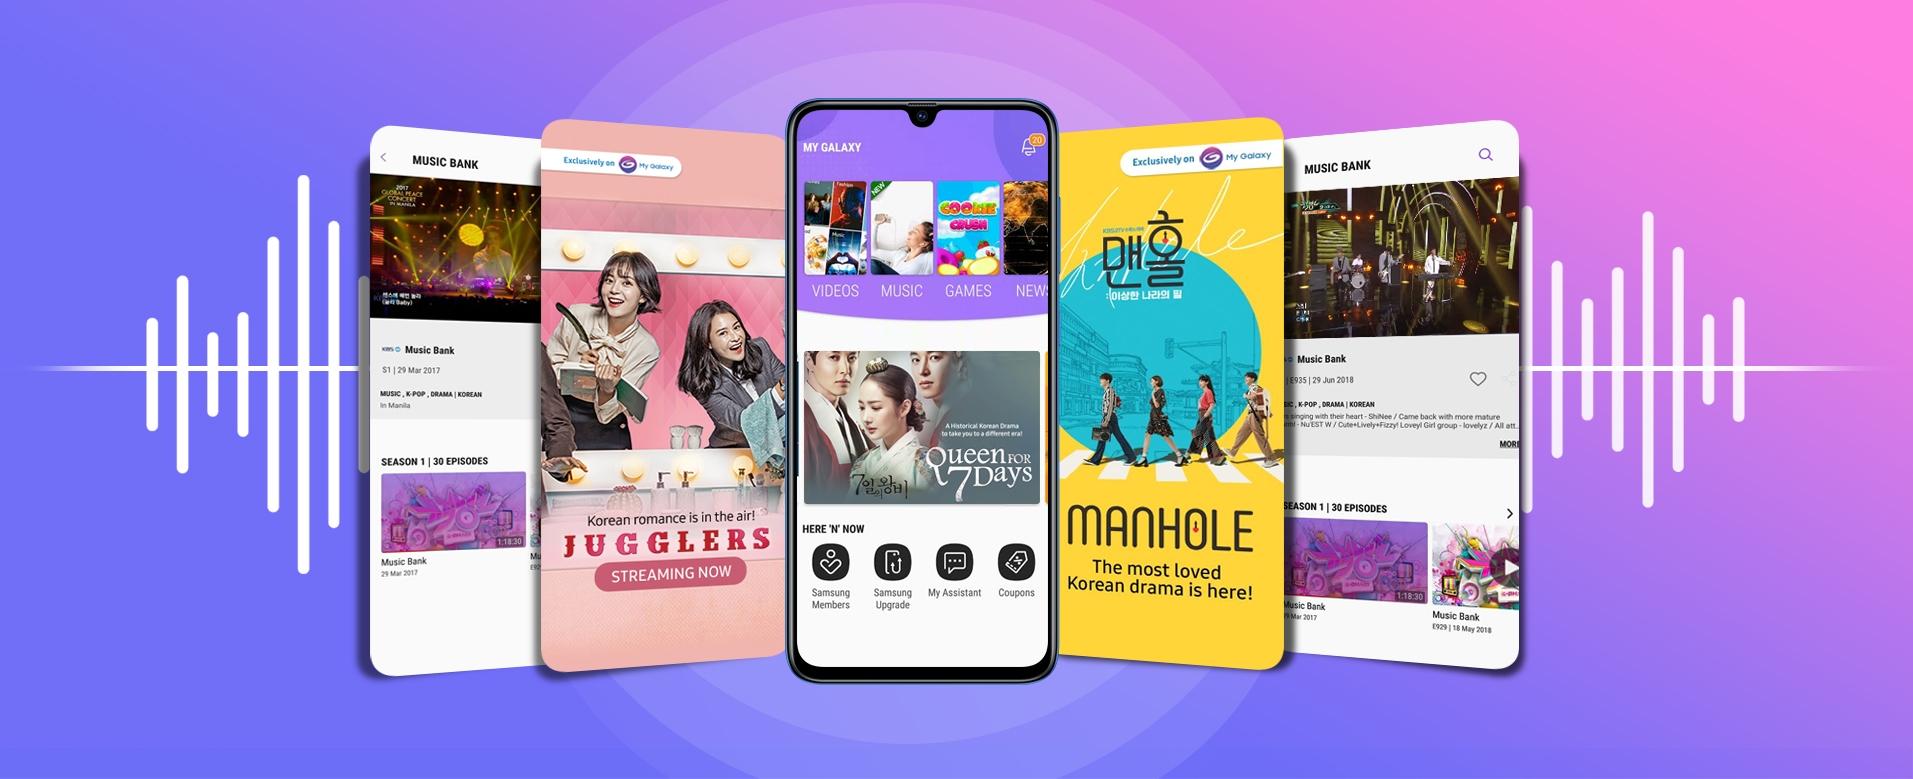 Galaxy A20 - My Galaxy App